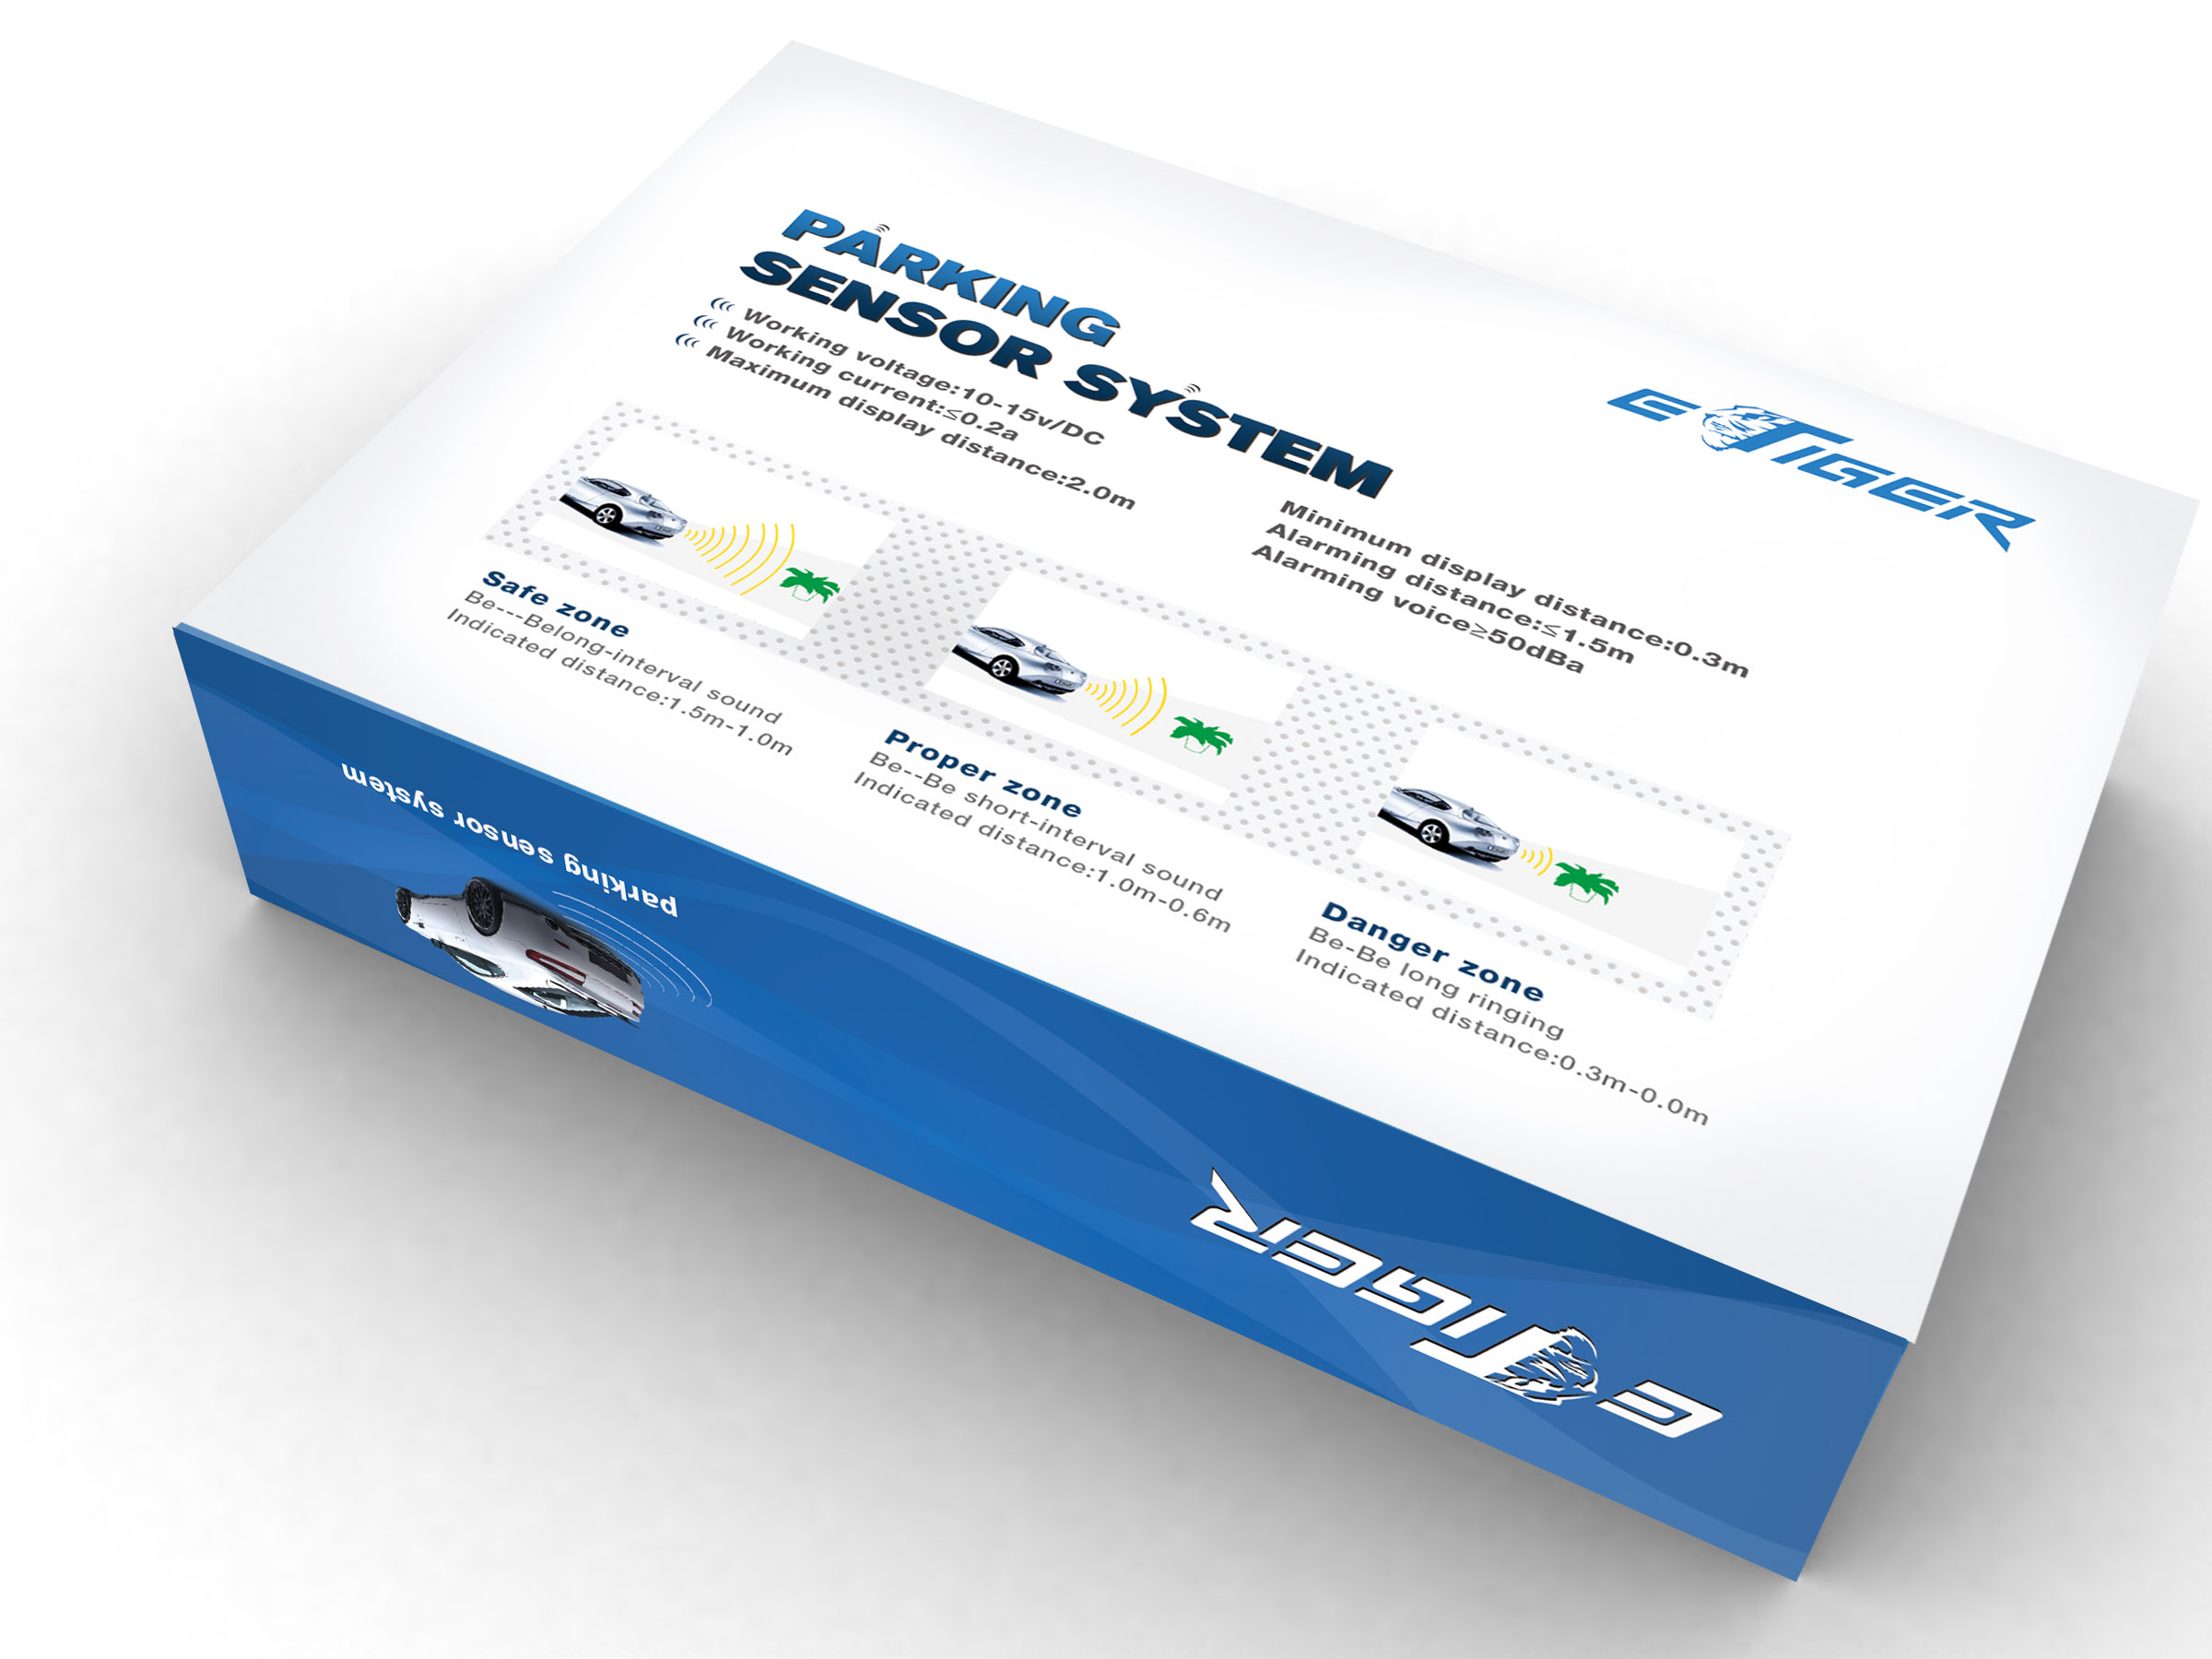 parking sensor system 平面 包装 雅木